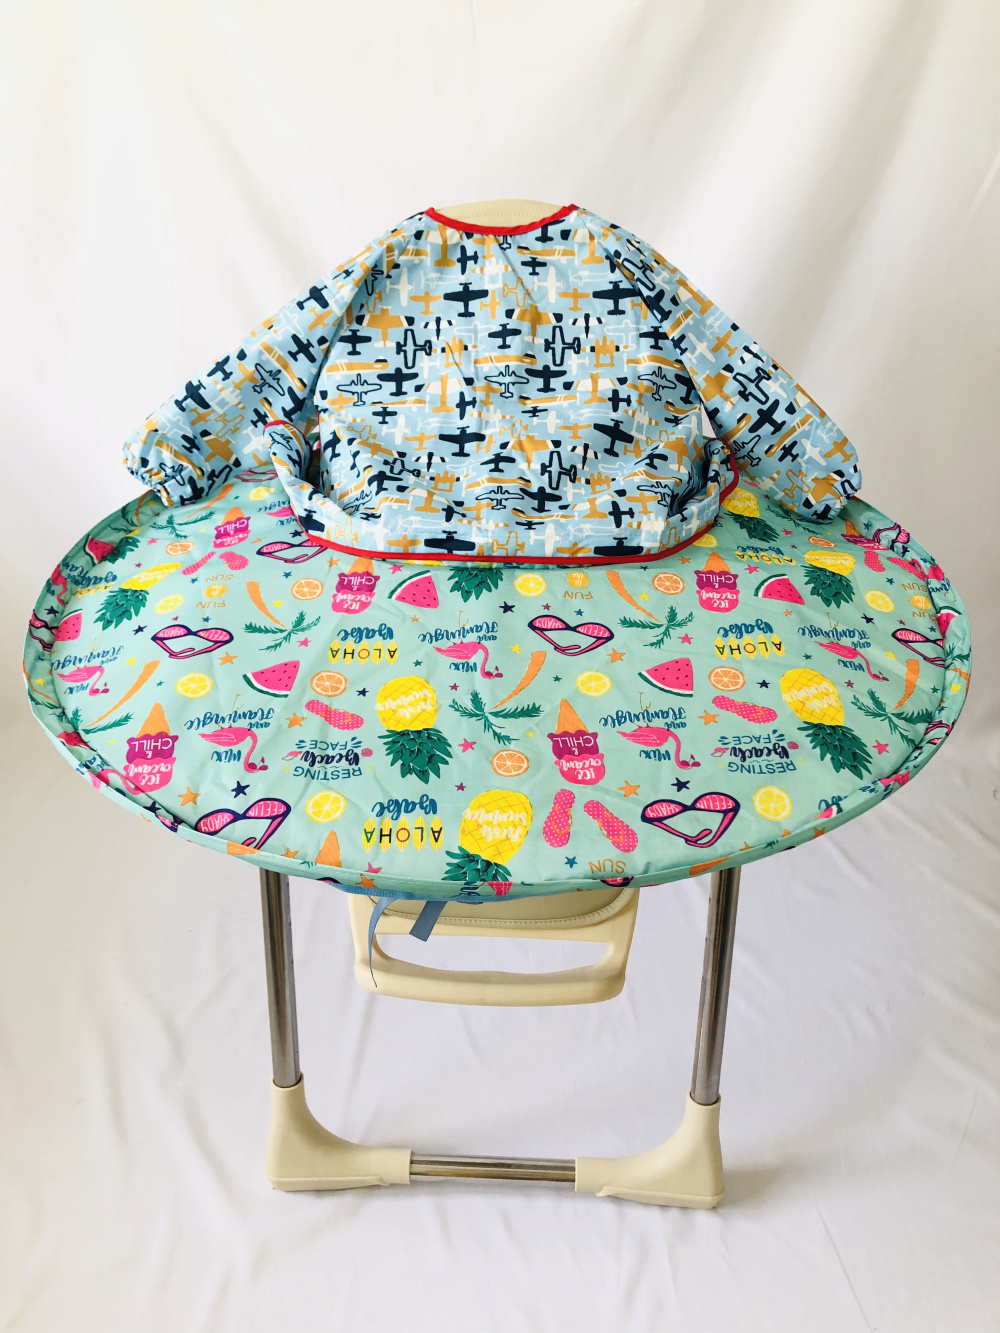 1 комплект-детское обеденное кресло с блюдцем Манхэттенский чехол для стульев и халаты для еды для младенцев и малышей - Цвет: Fruits and plane